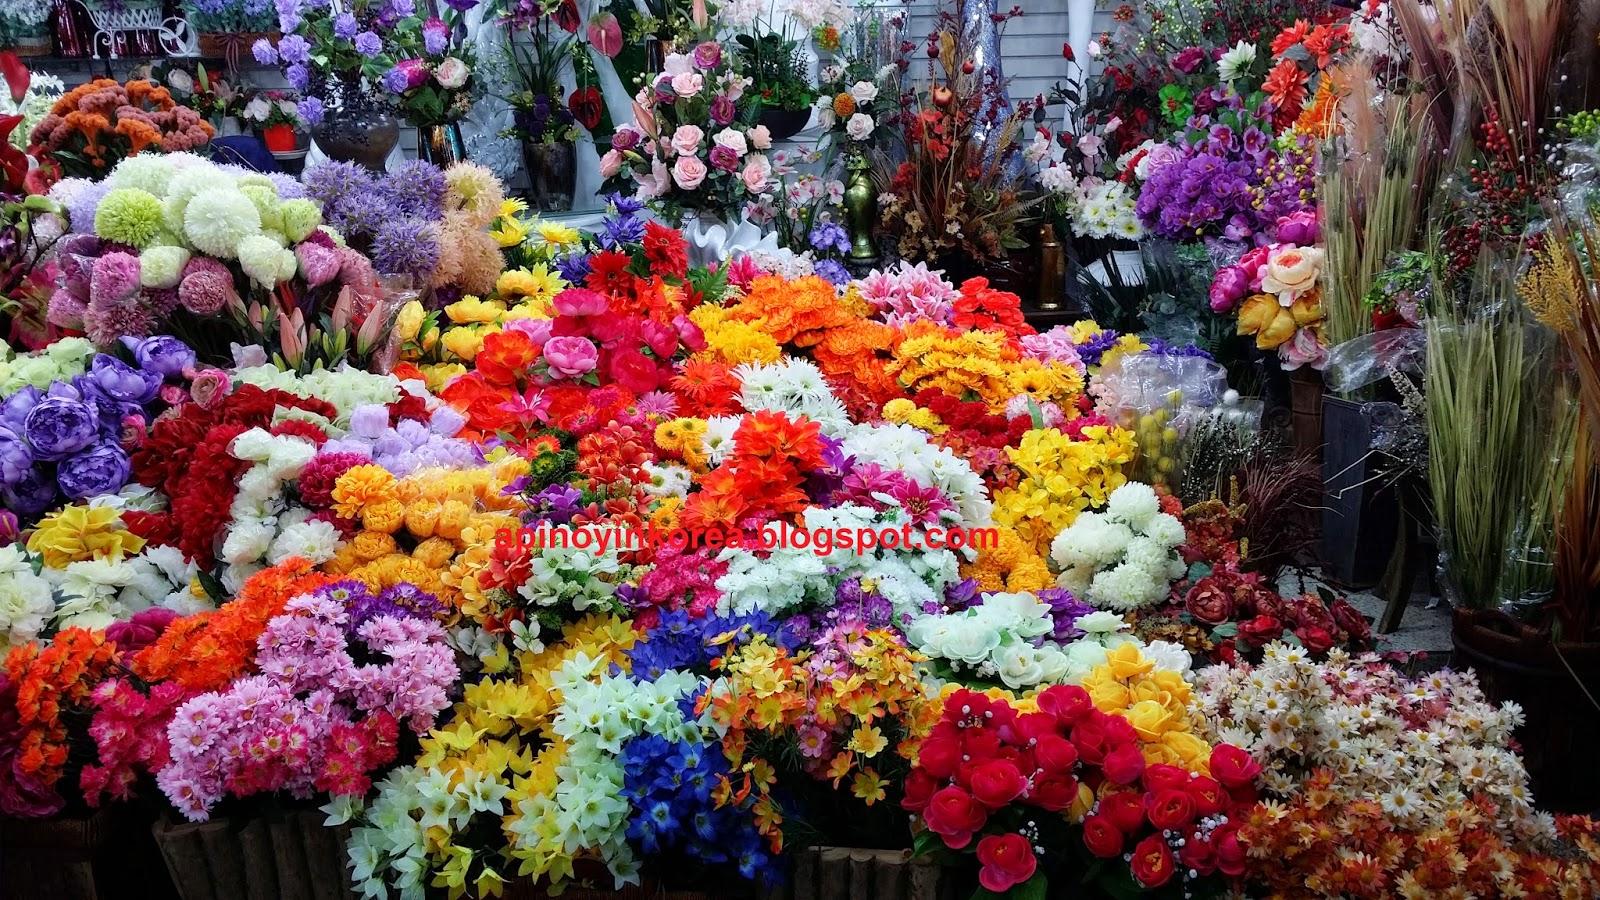 Boys Over Flowers: Namdaemunu0027s Secret Garden!